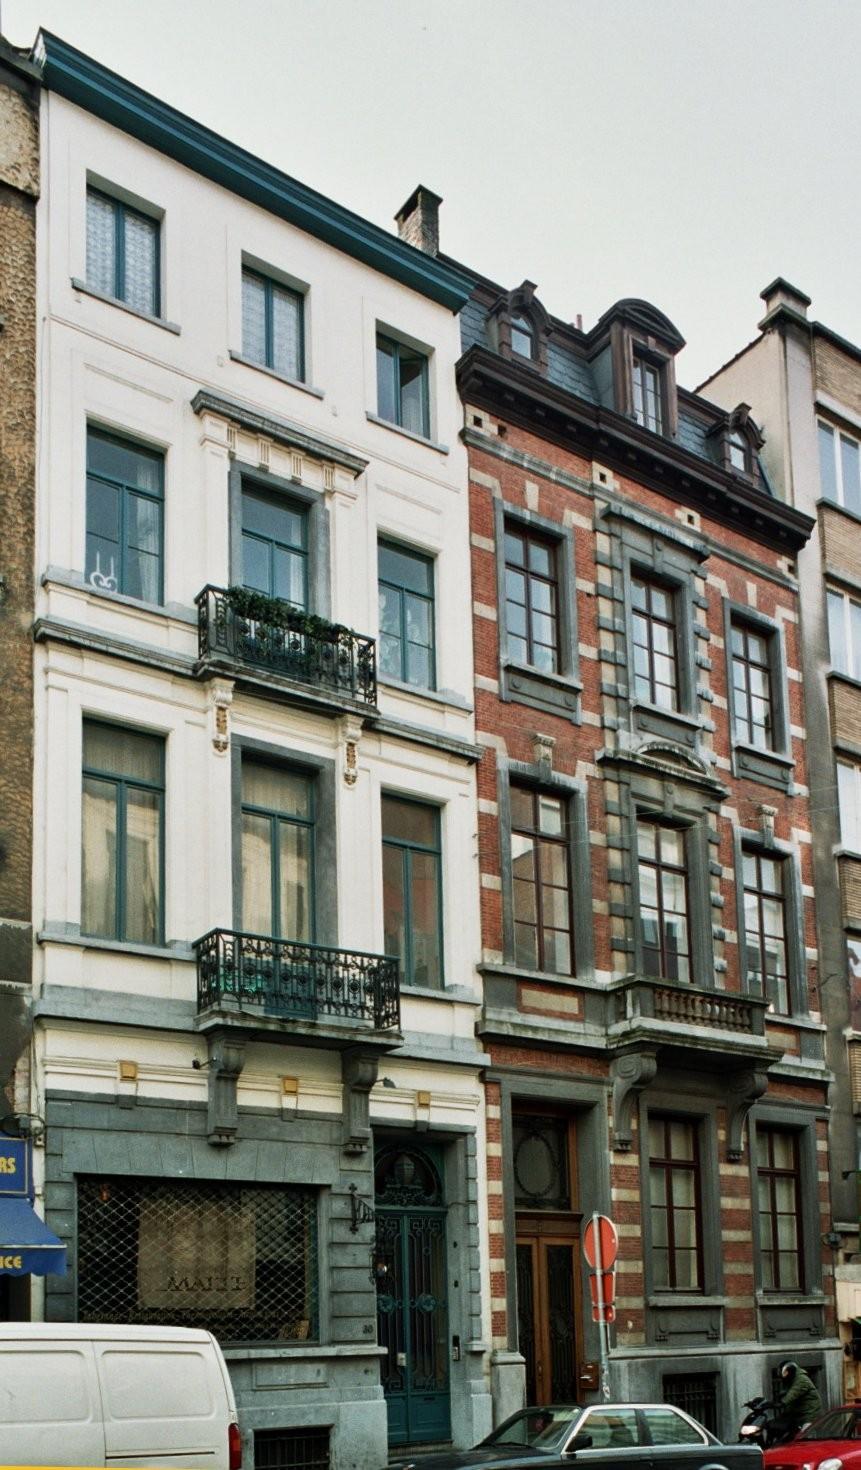 Berckmansstraat 30, 32., 2004